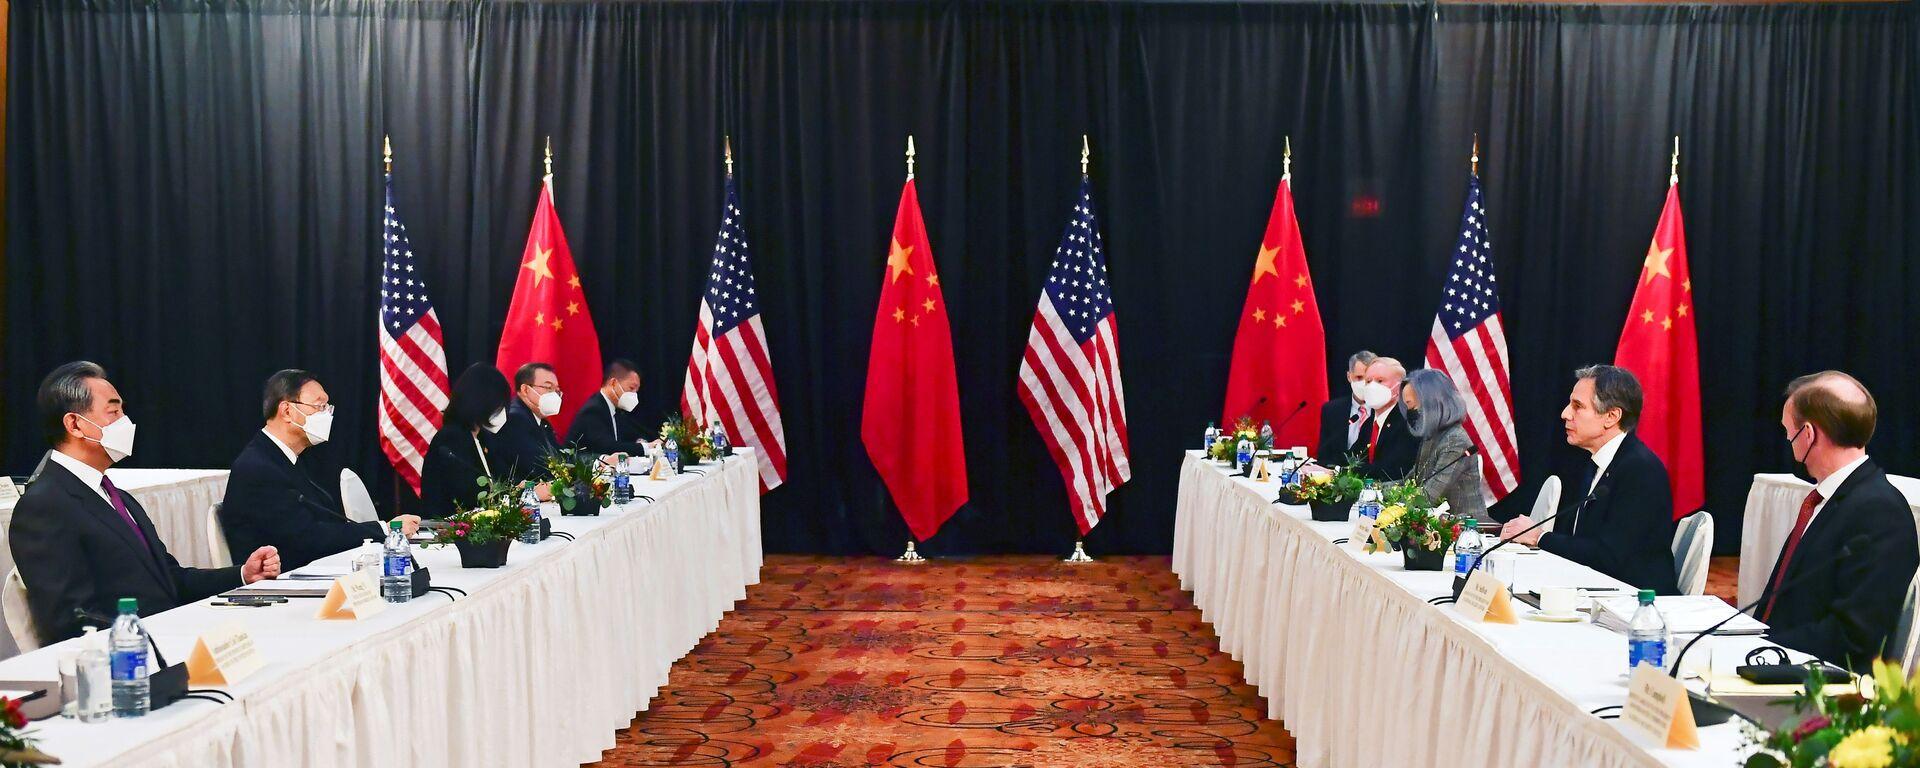 Cuộc gặp của Ngoại trưởng Hoa Kỳ Antony Blinken, Cố vấn An ninh Quốc gia của Tổng thống Jake Sullivan, Trưởng Văn phòng Ủy ban Đối ngoại Trung ương CPC Dương Khiết Trì và Bộ trưởng Ngoại giao Trung Quốc Vương Nghị tại Anchorage - Sputnik Việt Nam, 1920, 05.10.2021